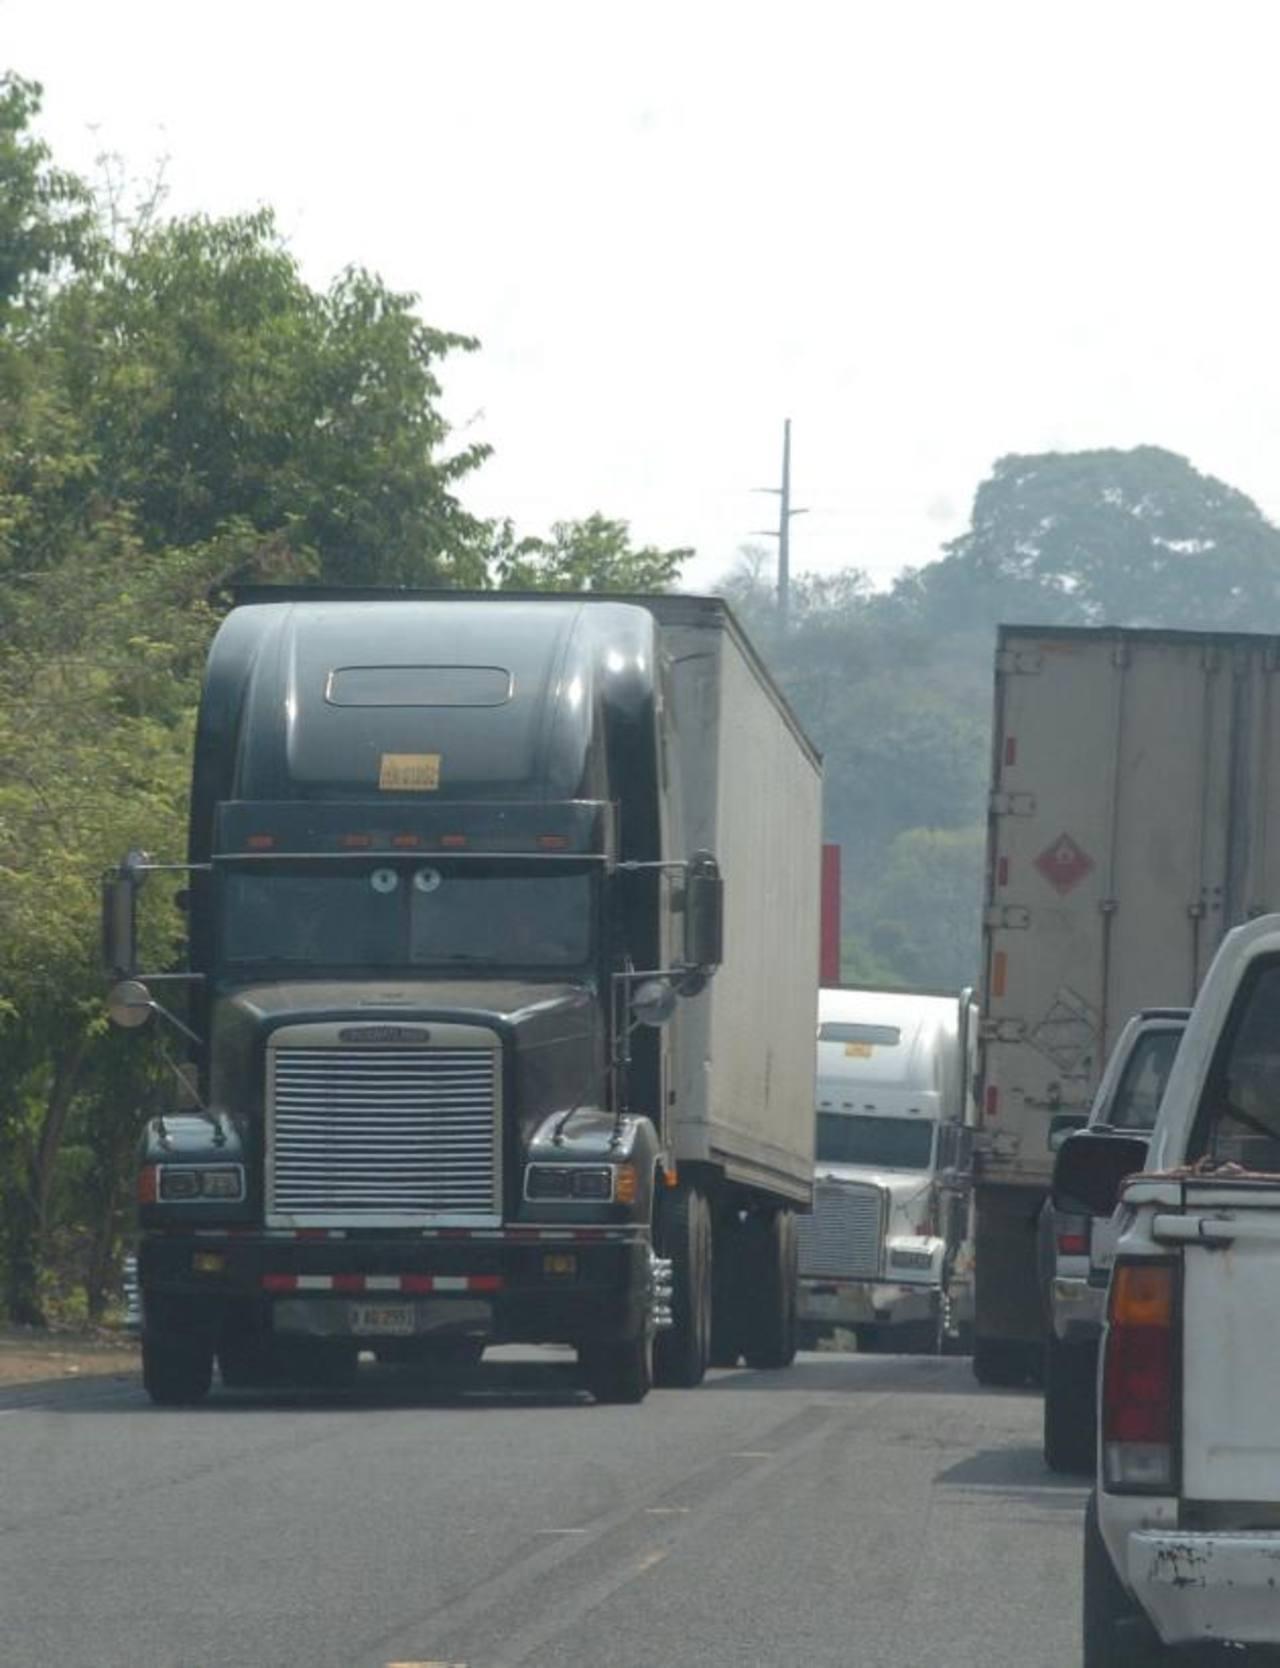 La interconectividad facilitaría traslado de mercancía.